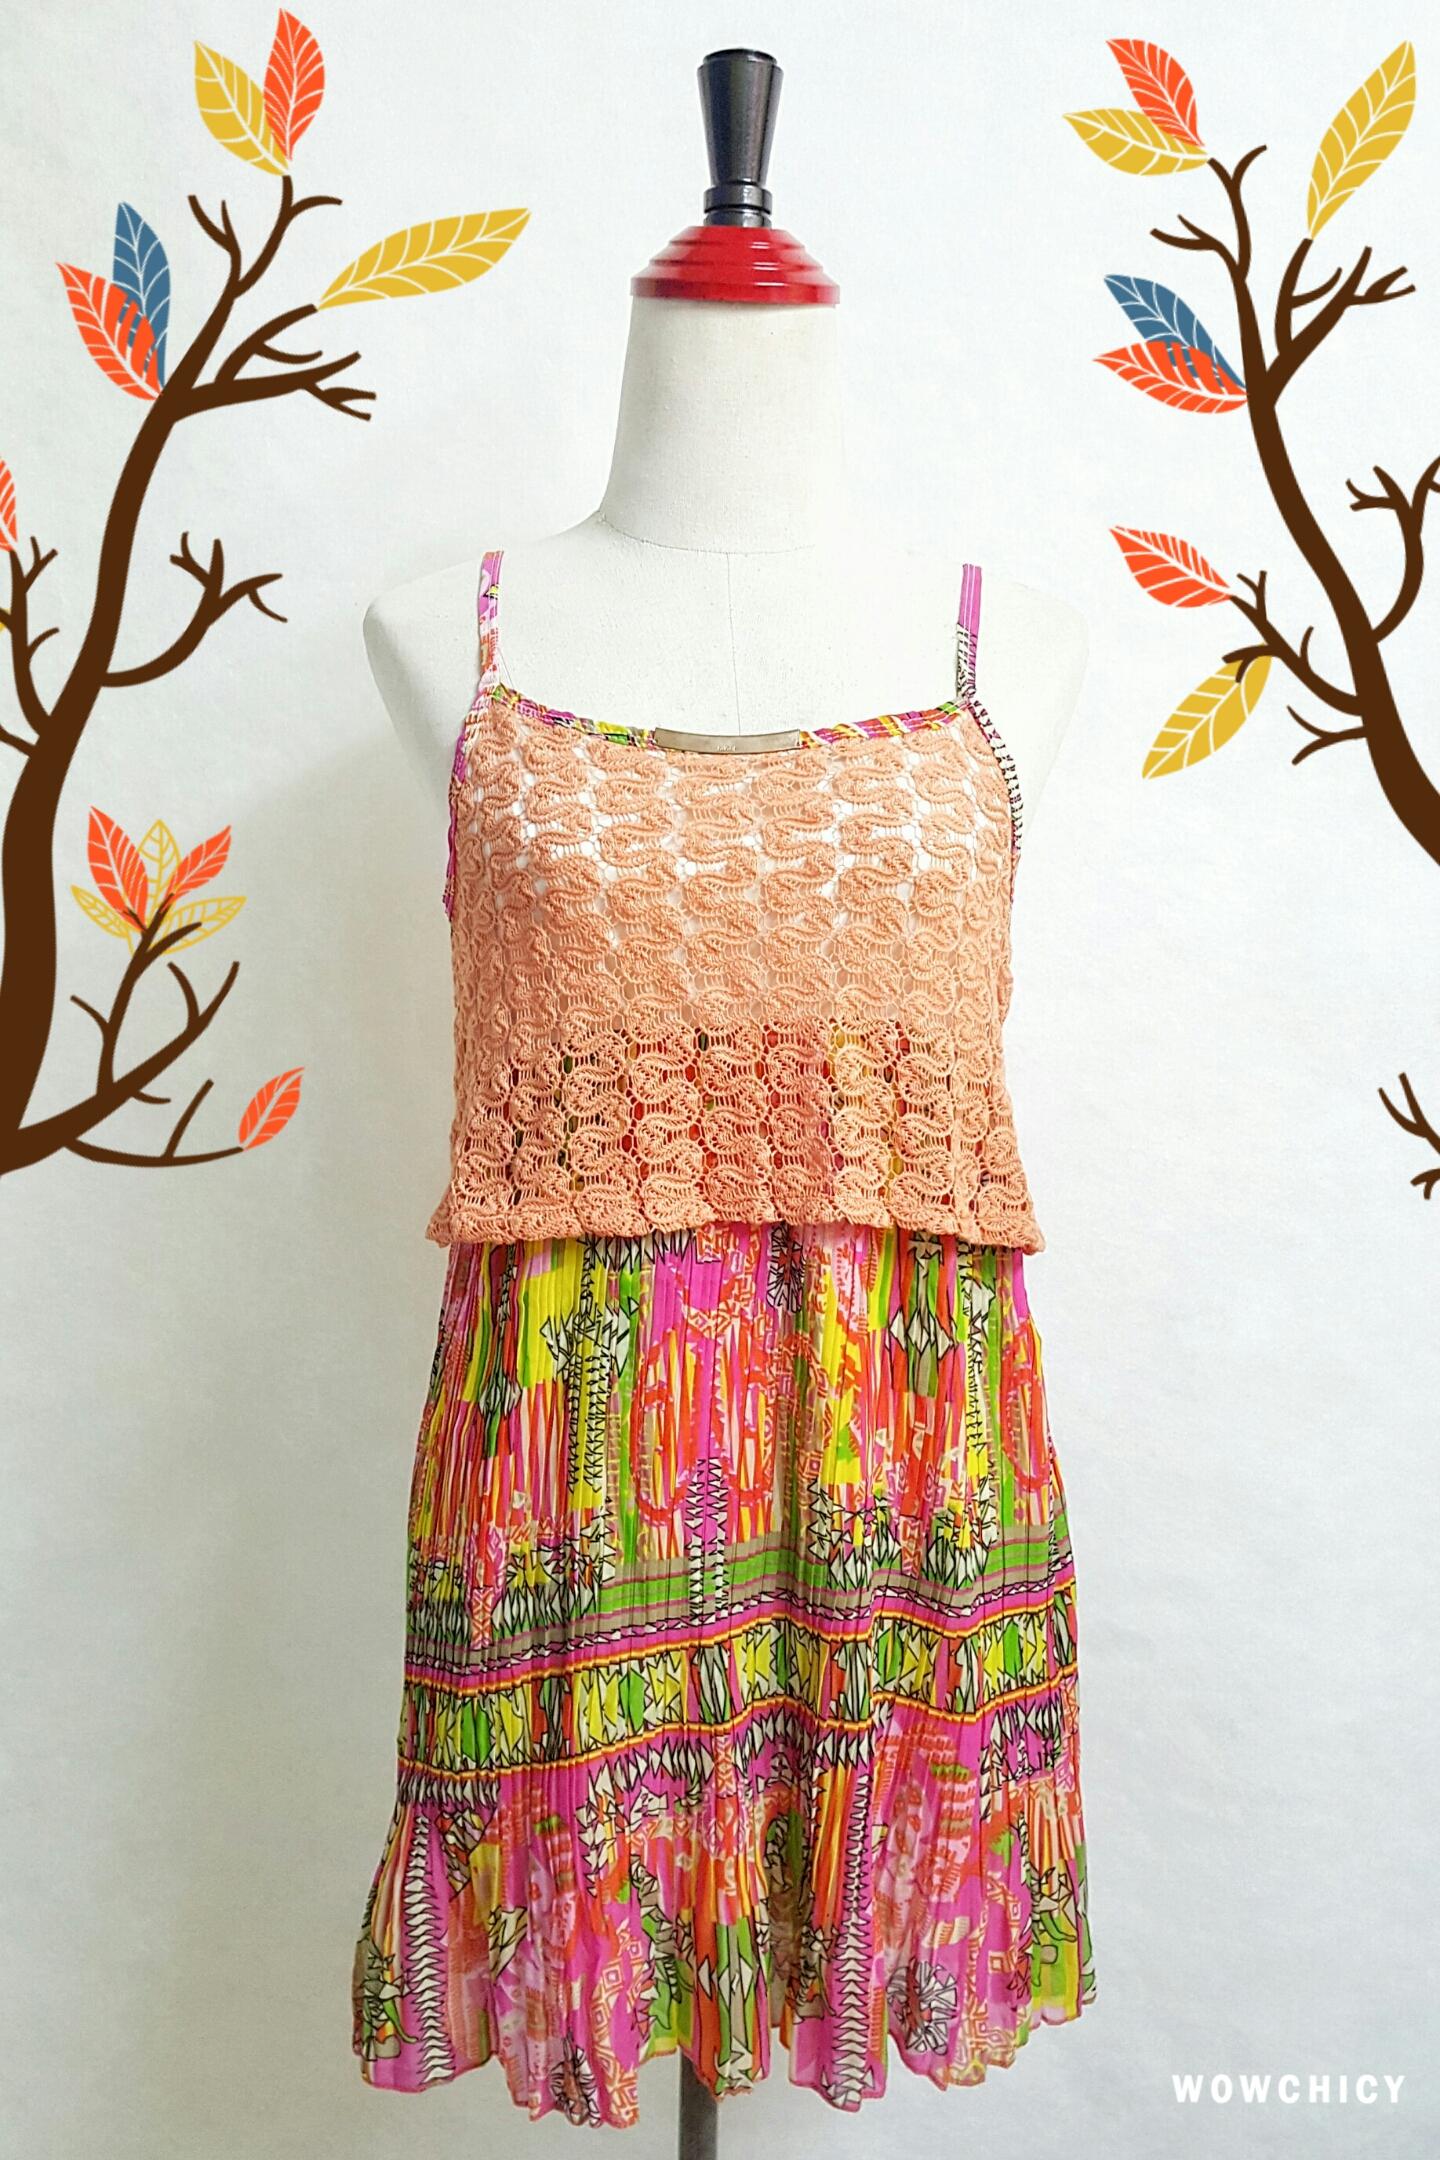 mini dress สายเดี่ยวไหมพรมถักต่อกระโปรงชีฟองอัดพรีทลายกราฟฟิค สายเดี่ยวปรับระดับได้ แต่งไหมพรมสีส้มถักลายสวย ต่อด้วยกระโปรงอัดกรีบพรีท สวยเว่อร์ มีซับยาวถึงกระโปรงเย็บติดไม่บาง